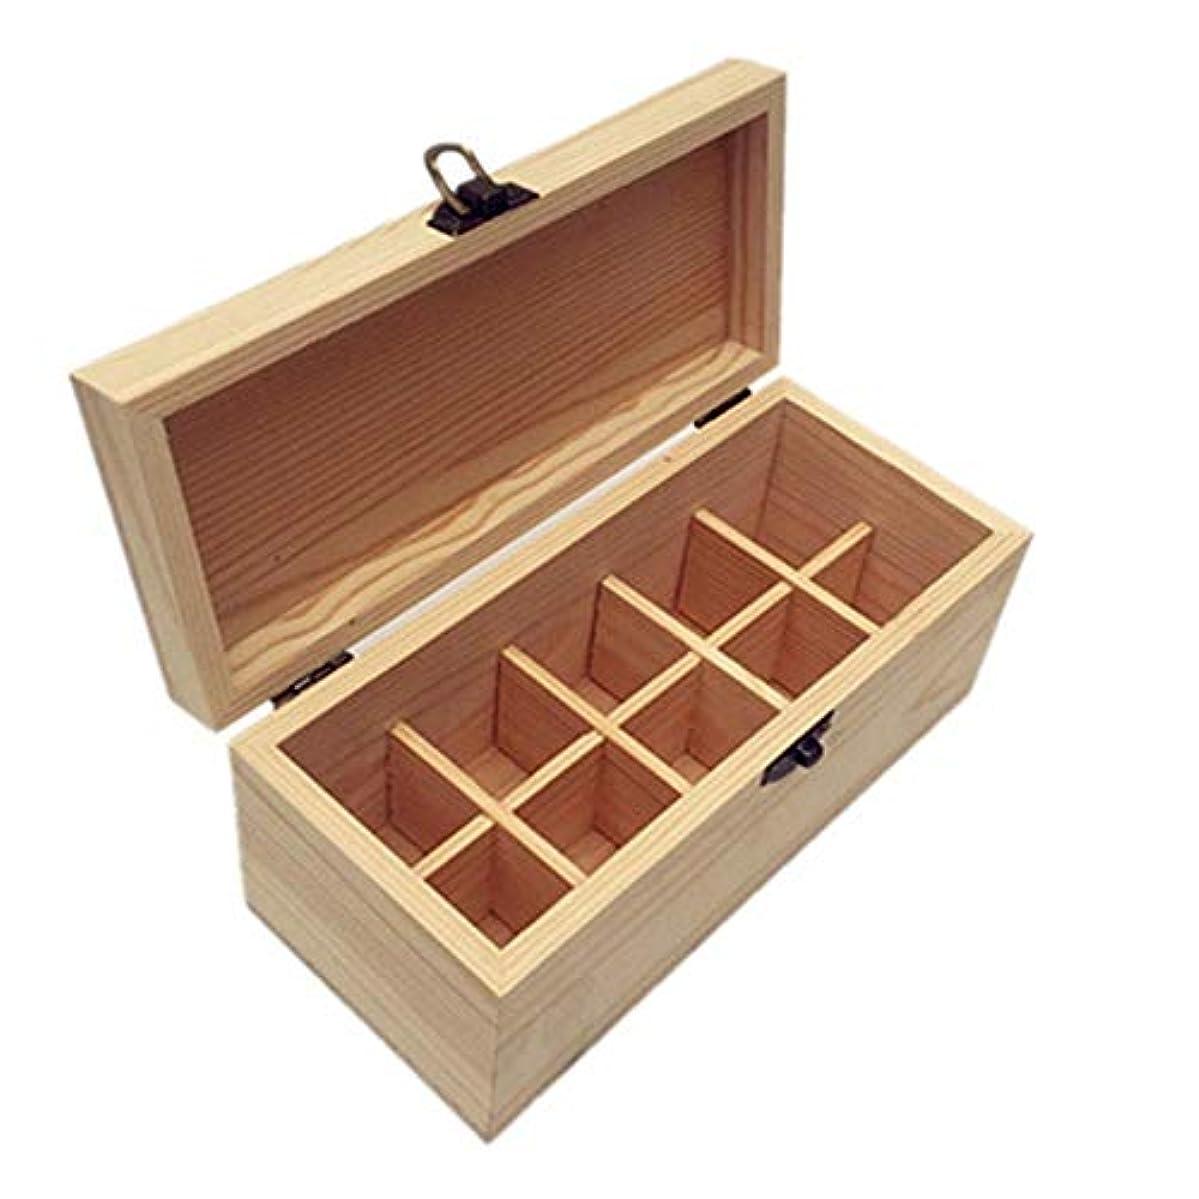 ポジティブ面白い悪性のエッセンシャルオイルボックス エッセンシャルオイルは、10個のスロットボトルエッセンシャルオイルの木製収納ボックスオーガナイザー アロマセラピー収納ボックス (色 : Natural, サイズ : 21.2X9.5X9CM)